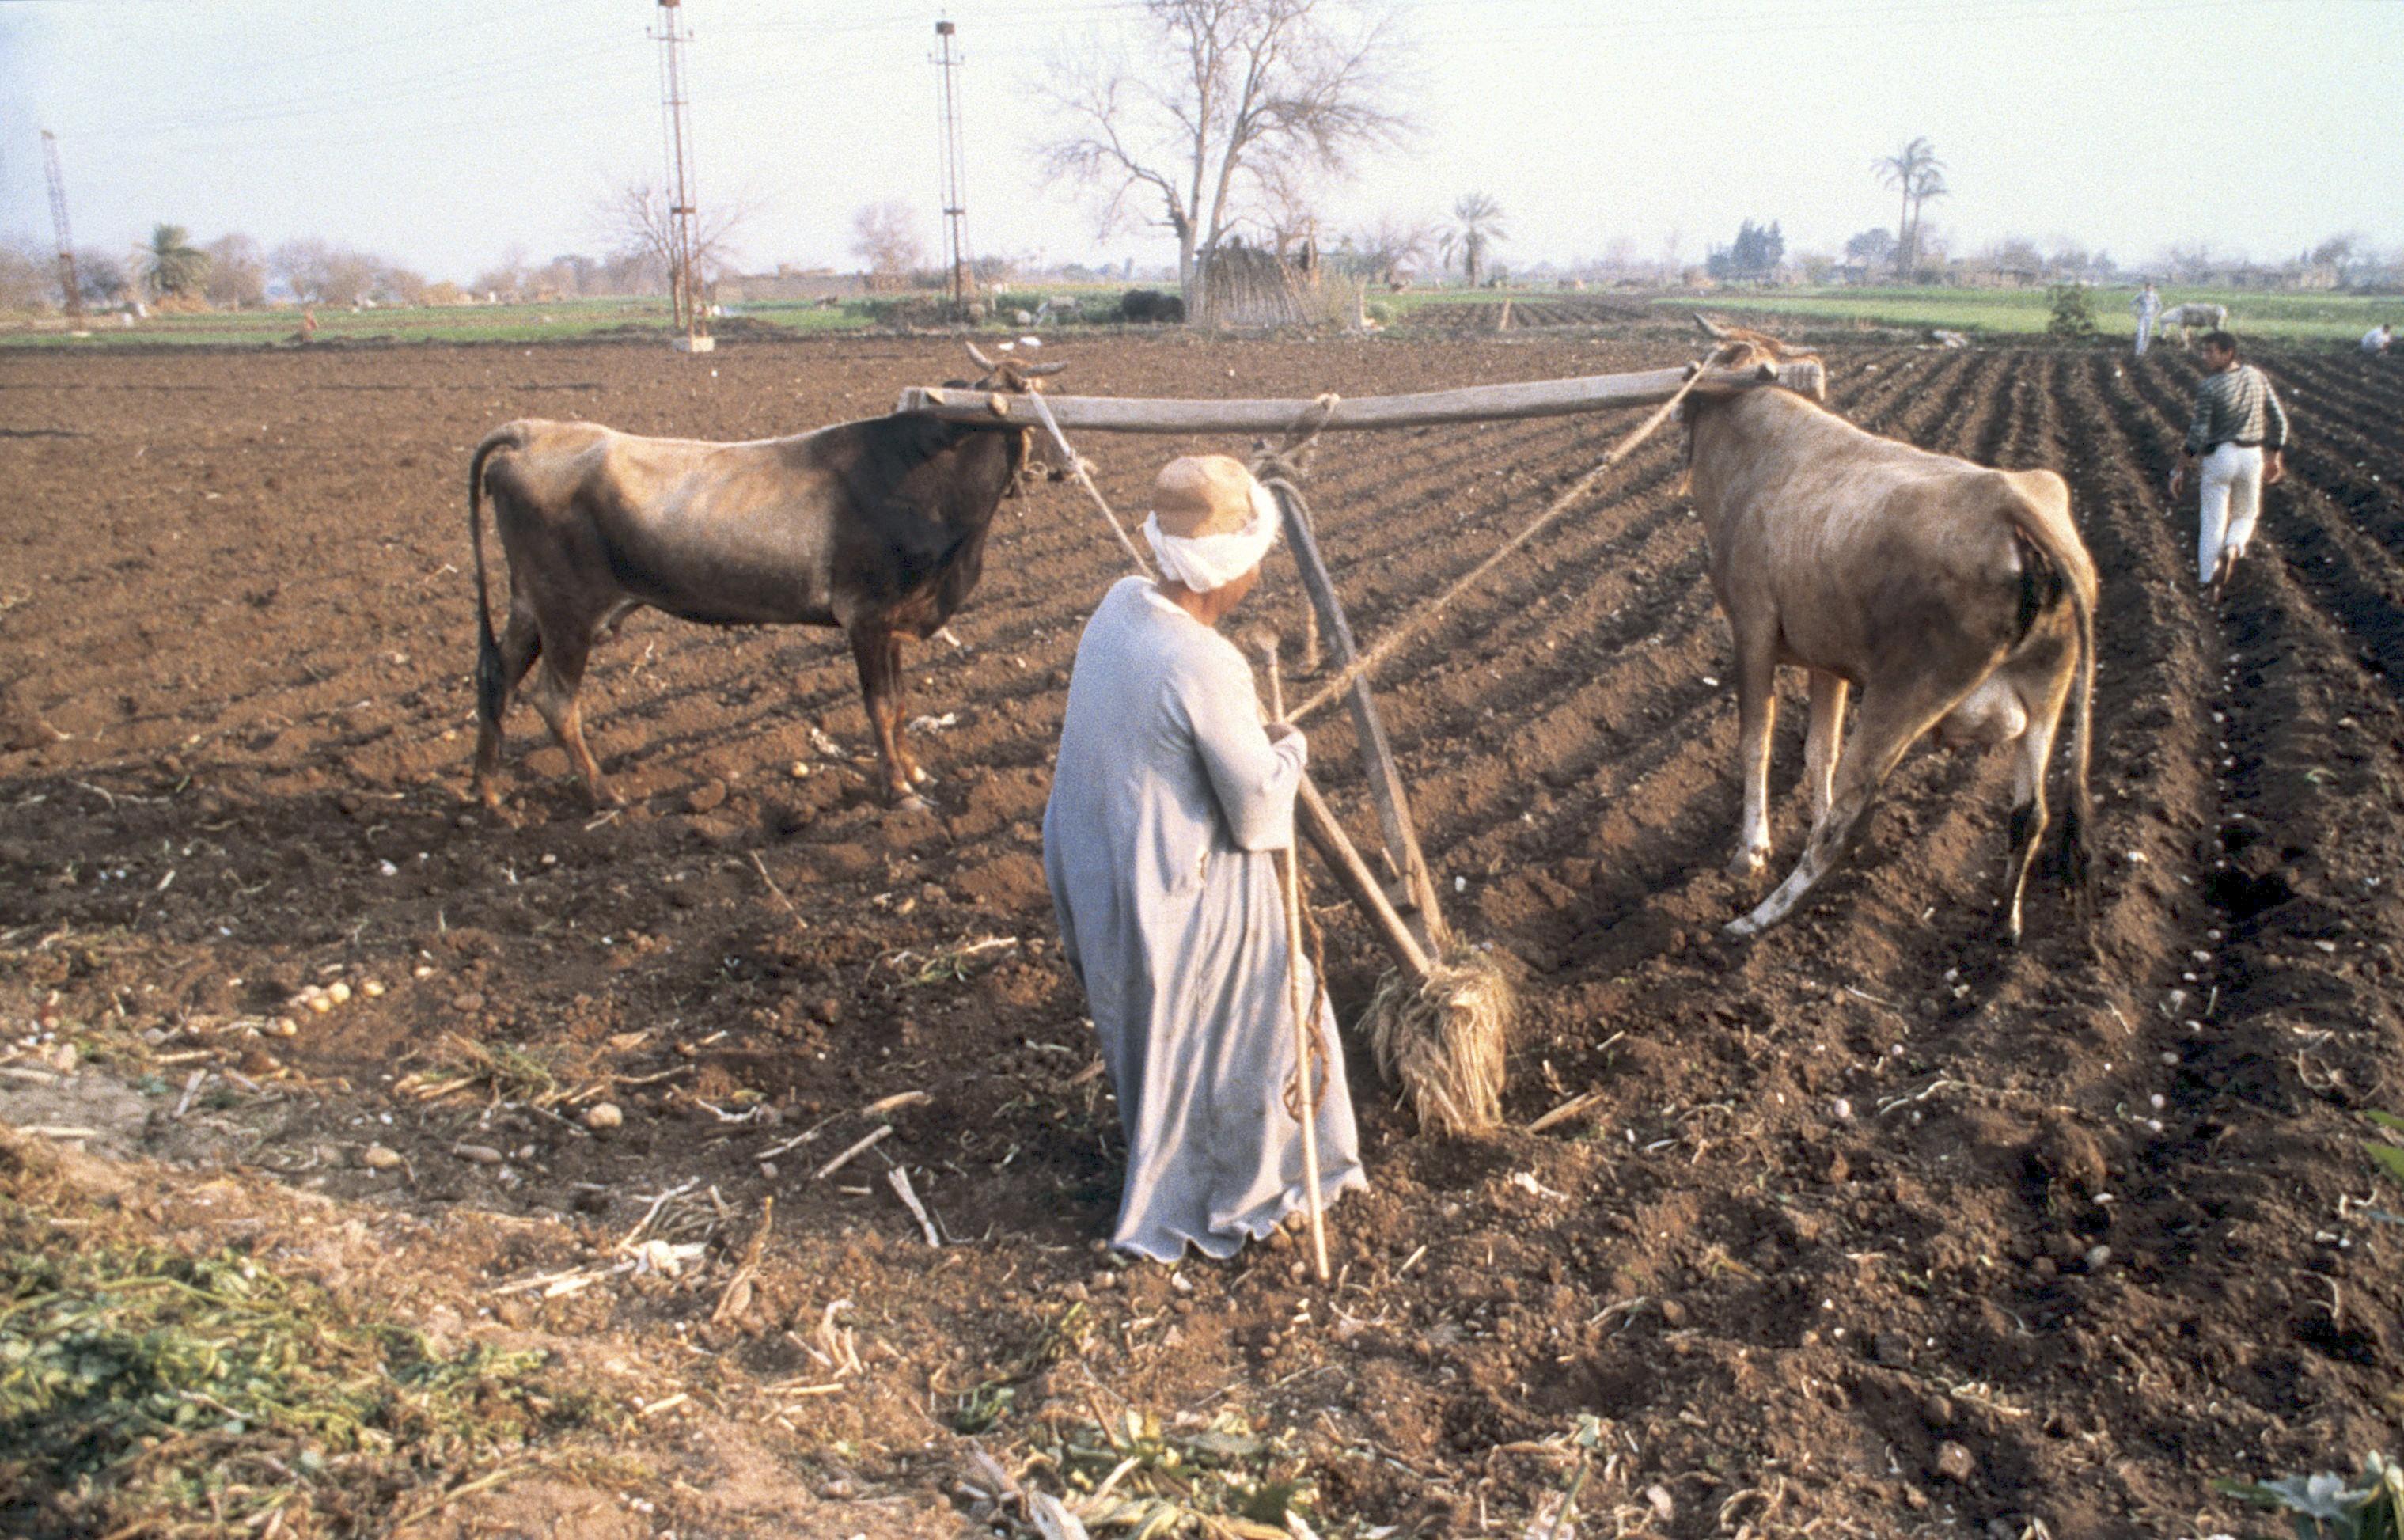 上图:埃及农民使用传统的牛拉犁耕田。耕田需要把深层的土壤翻到土地的表面,对于牲畜来说,比踹谷辛苦得多。